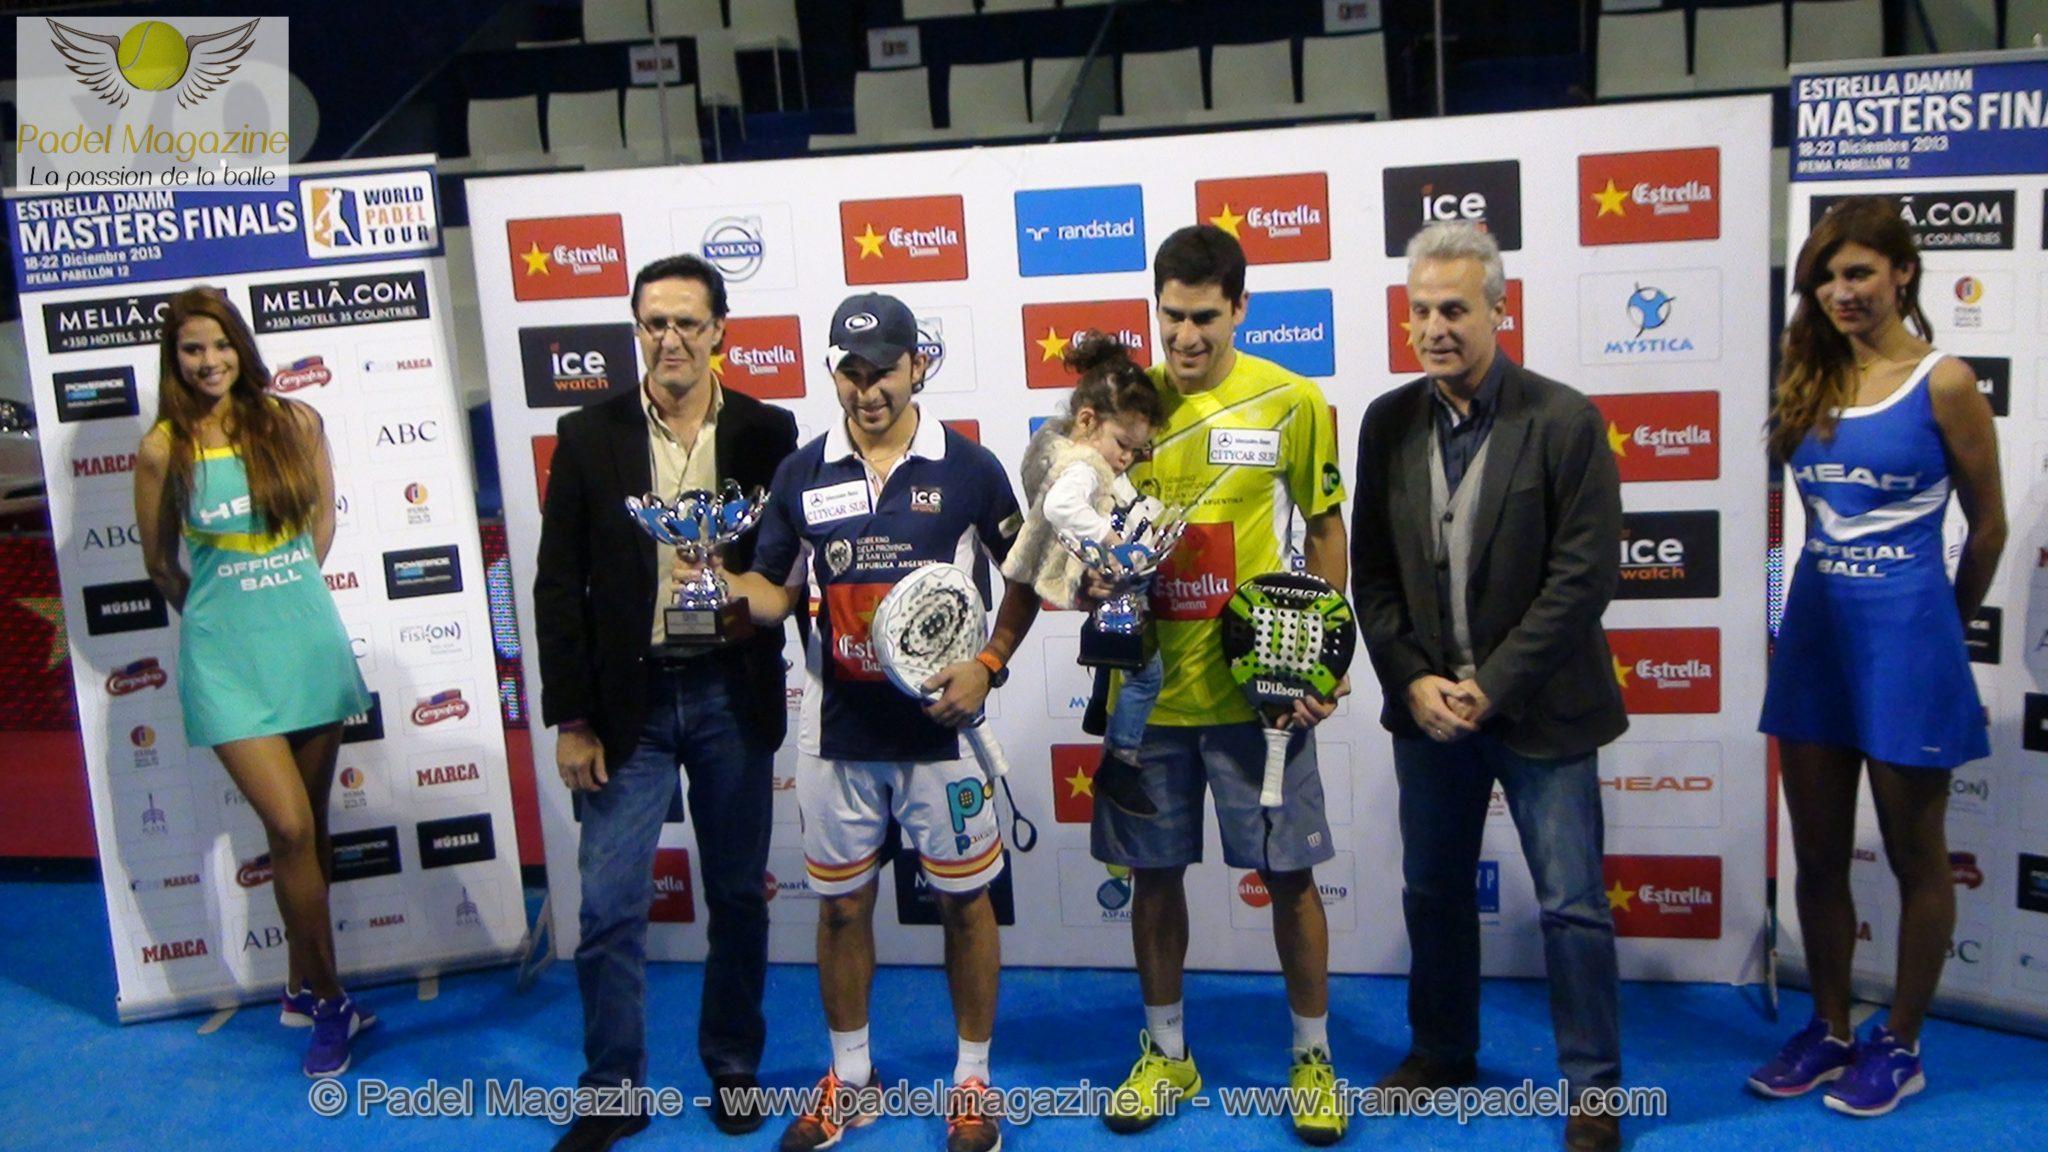 Sanyo et Maxi : De magnifiques champions !